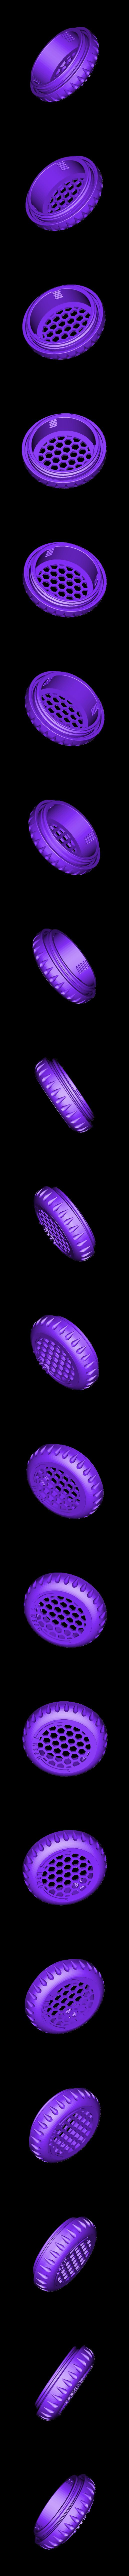 Tapa Ventilador L.stl Download free STL file #3DvsCOVID19 Mask with Fans for Air I/O. • 3D printer design, alonsothander